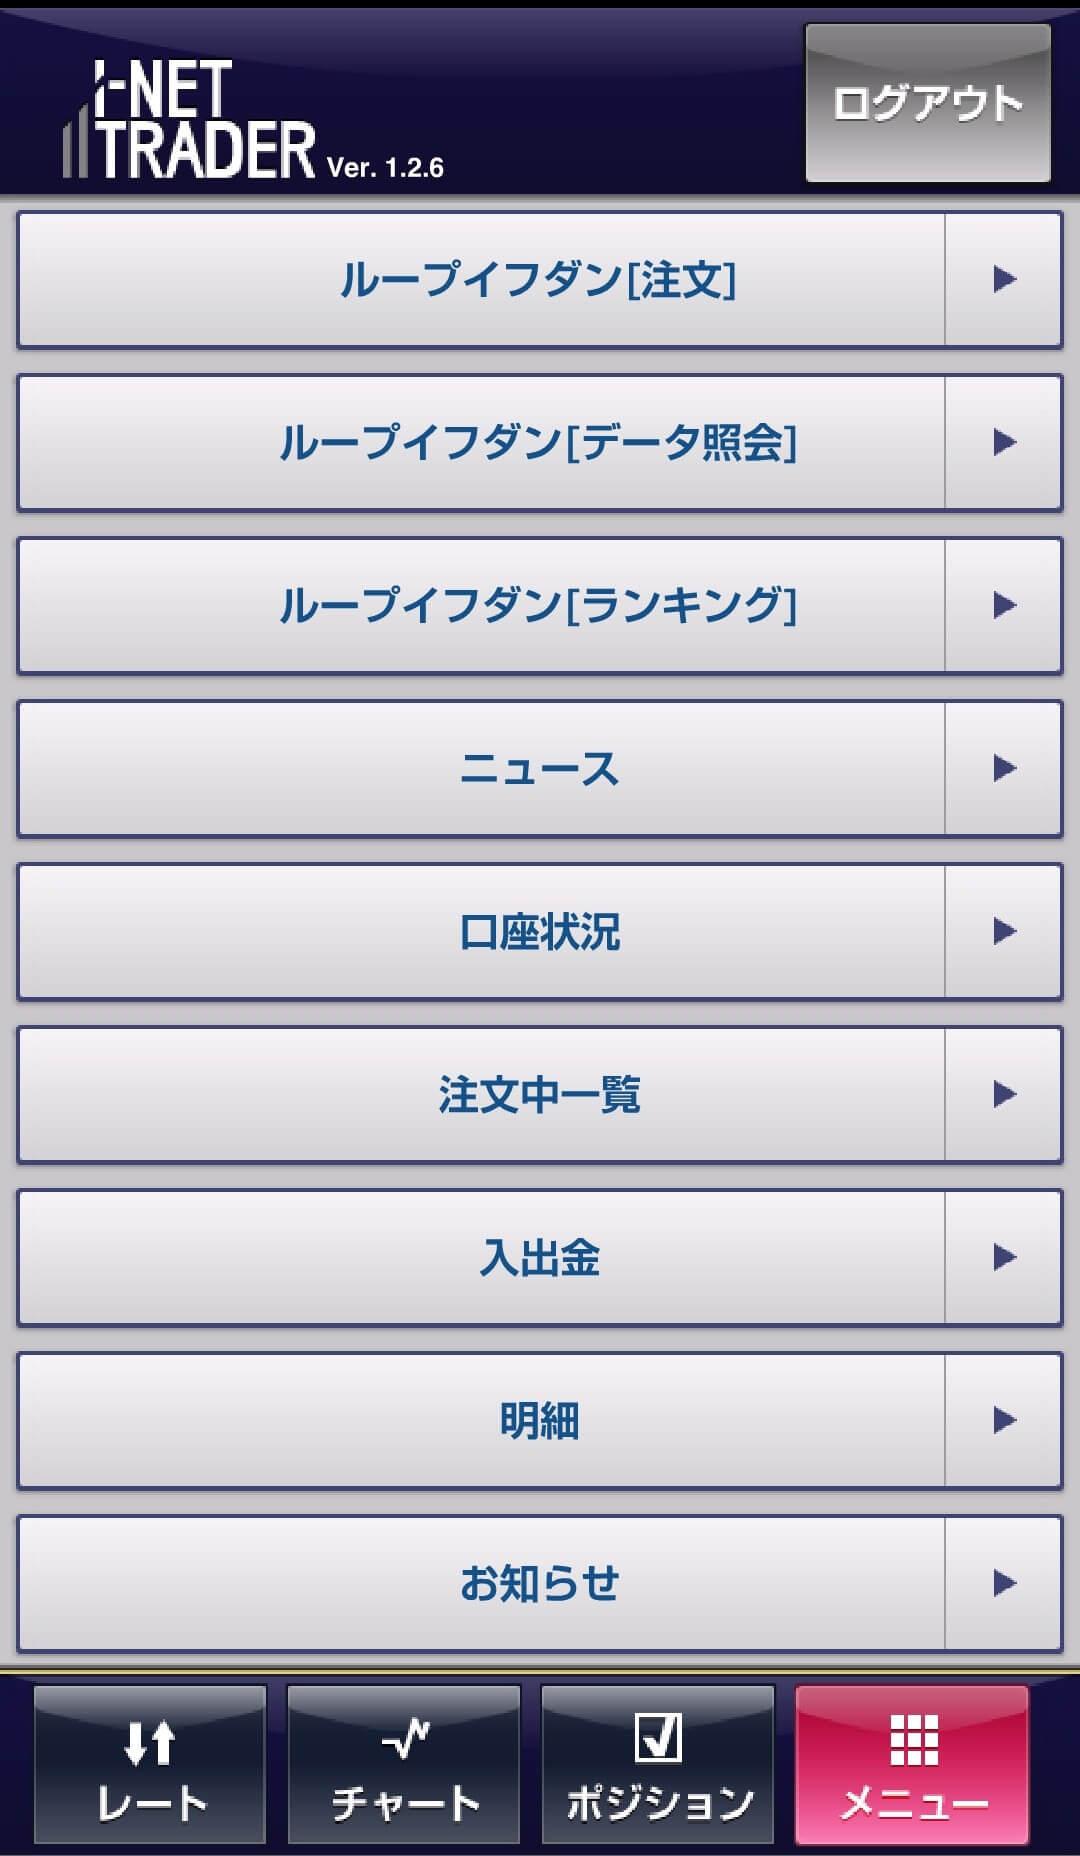 ループイフダンのアプリメニュー画面